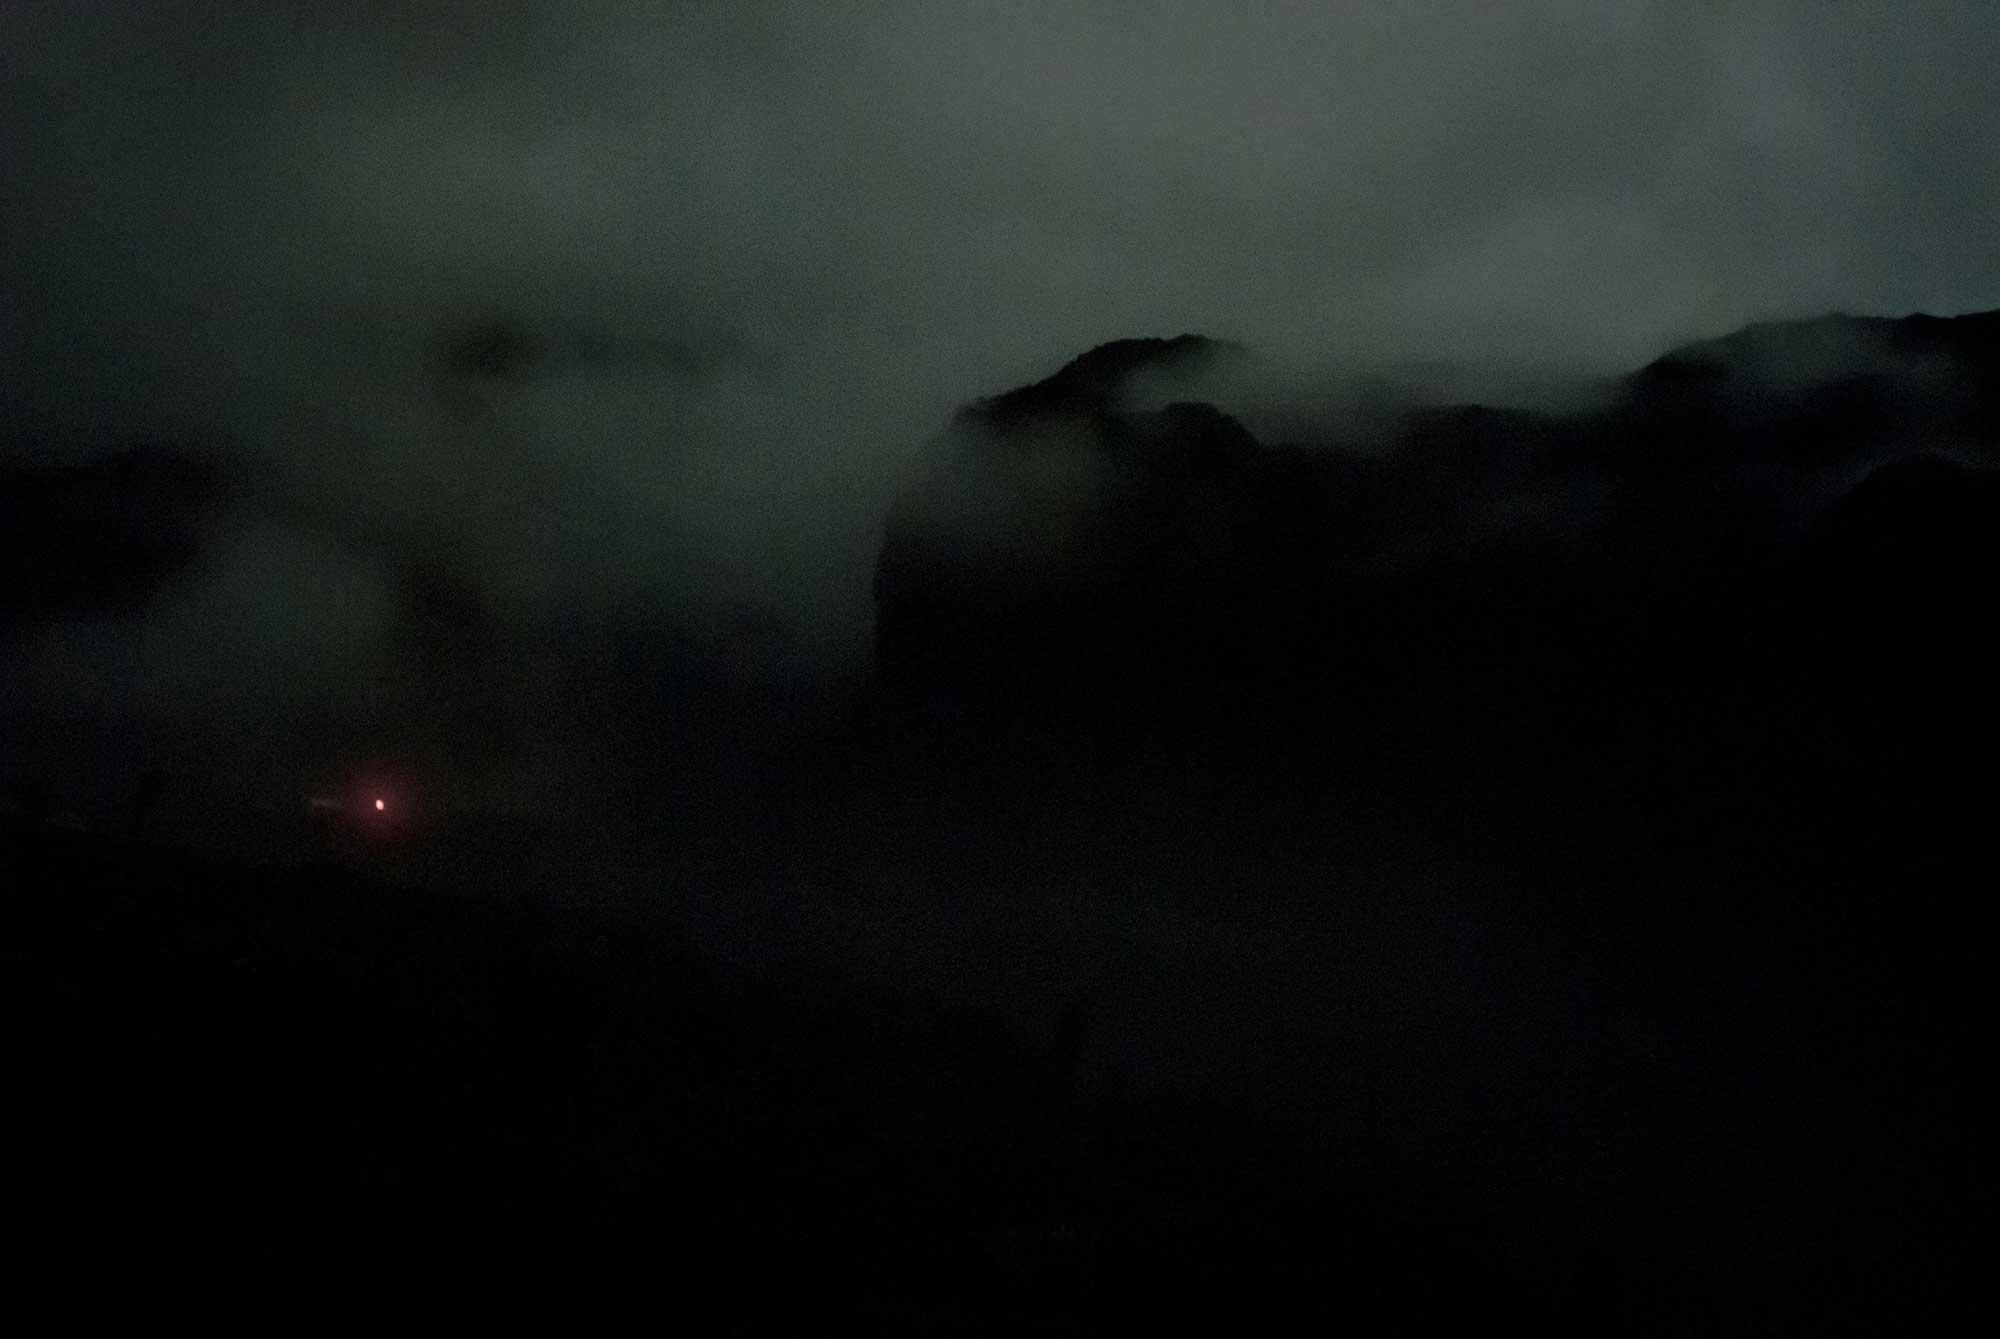 D4-14-barranco-wall-and-camp-at-night-kilimanjaro.jpg